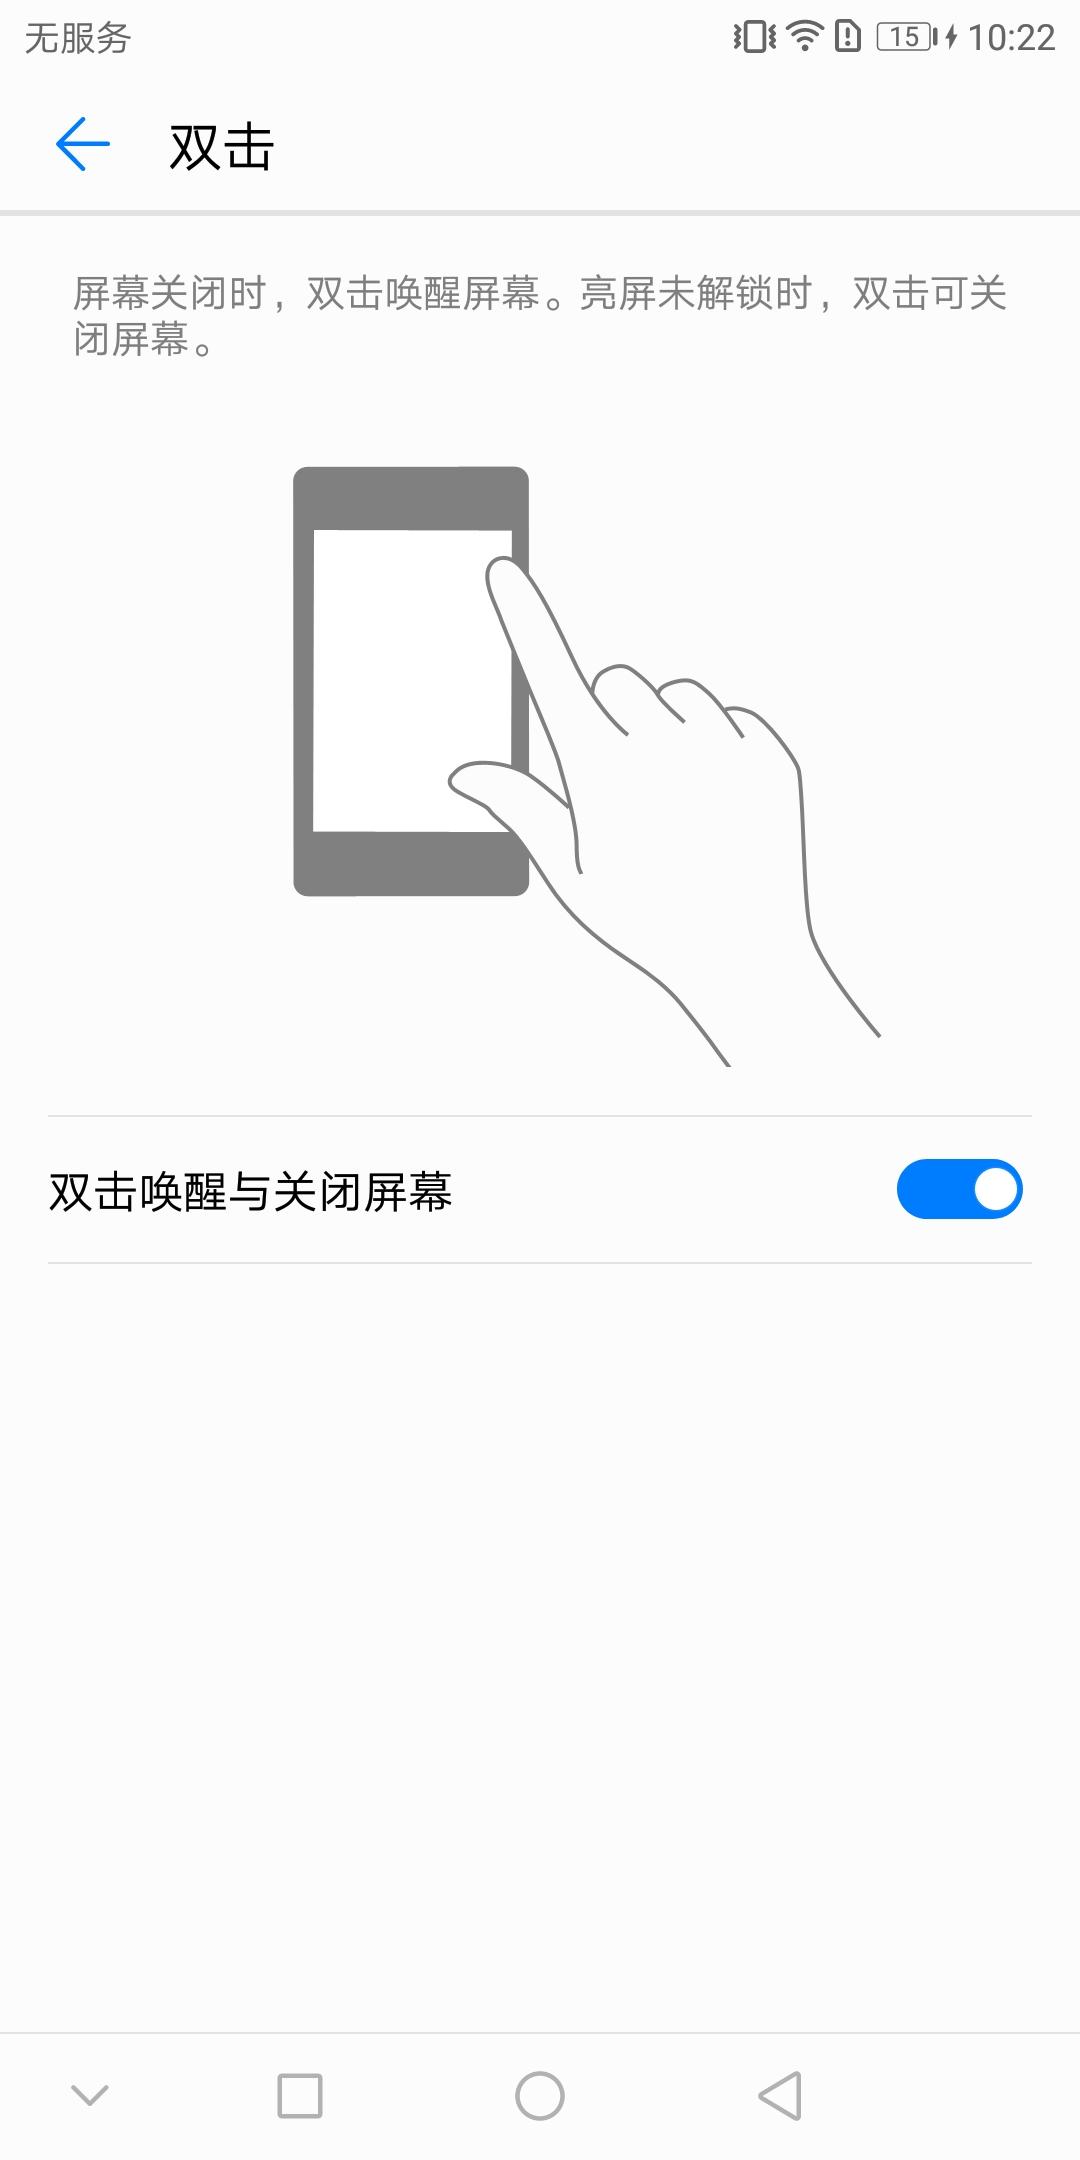 Screenshot_20180106-102241.jpg